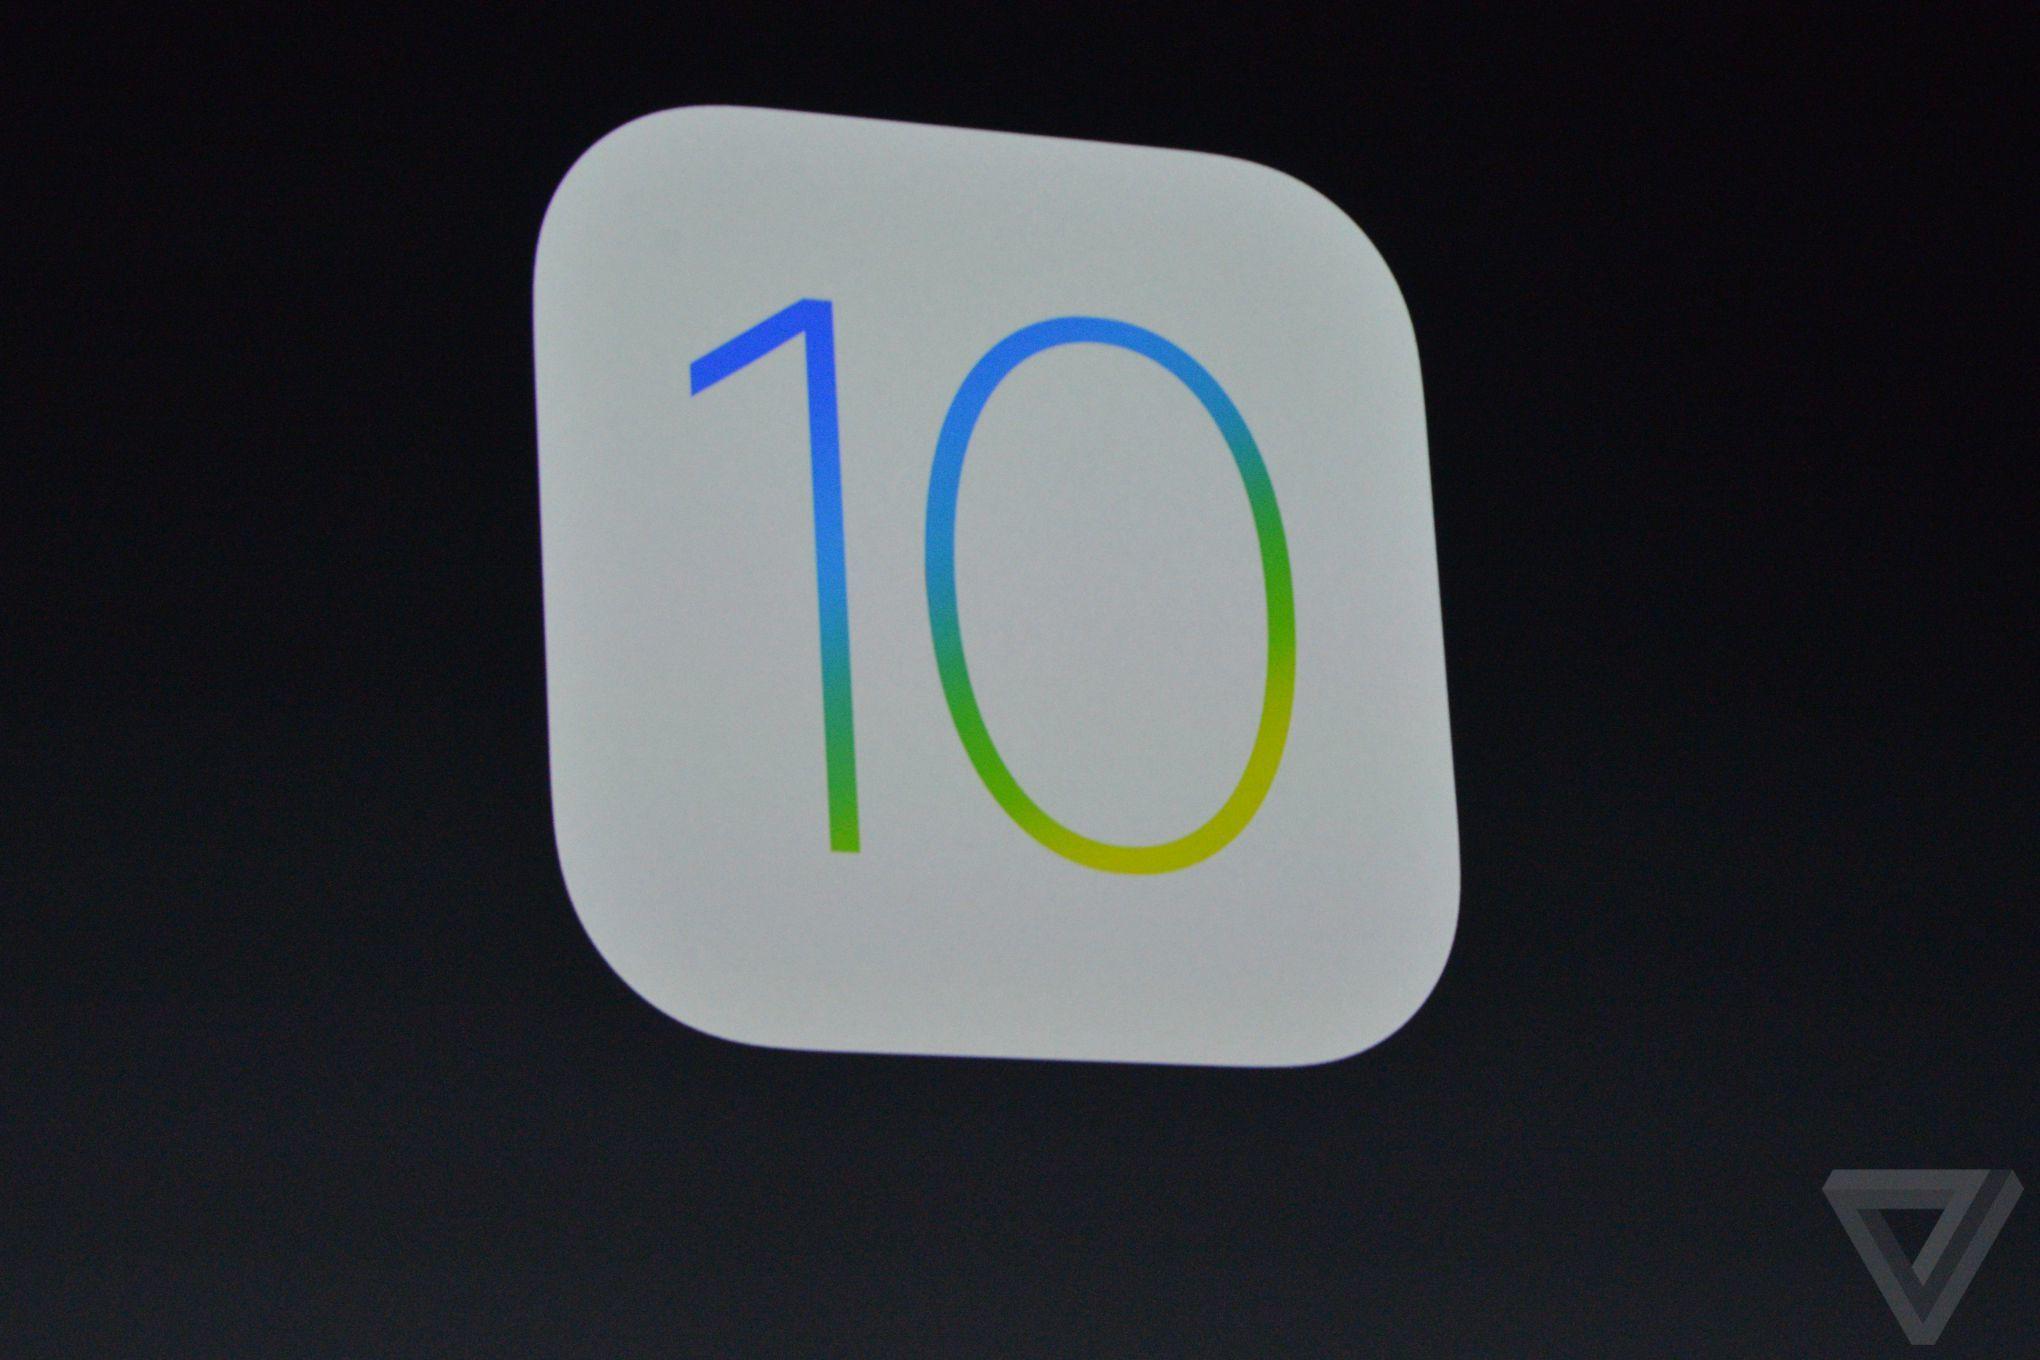 iOS 10 – upravený vzhled, nové efekty a další detaily